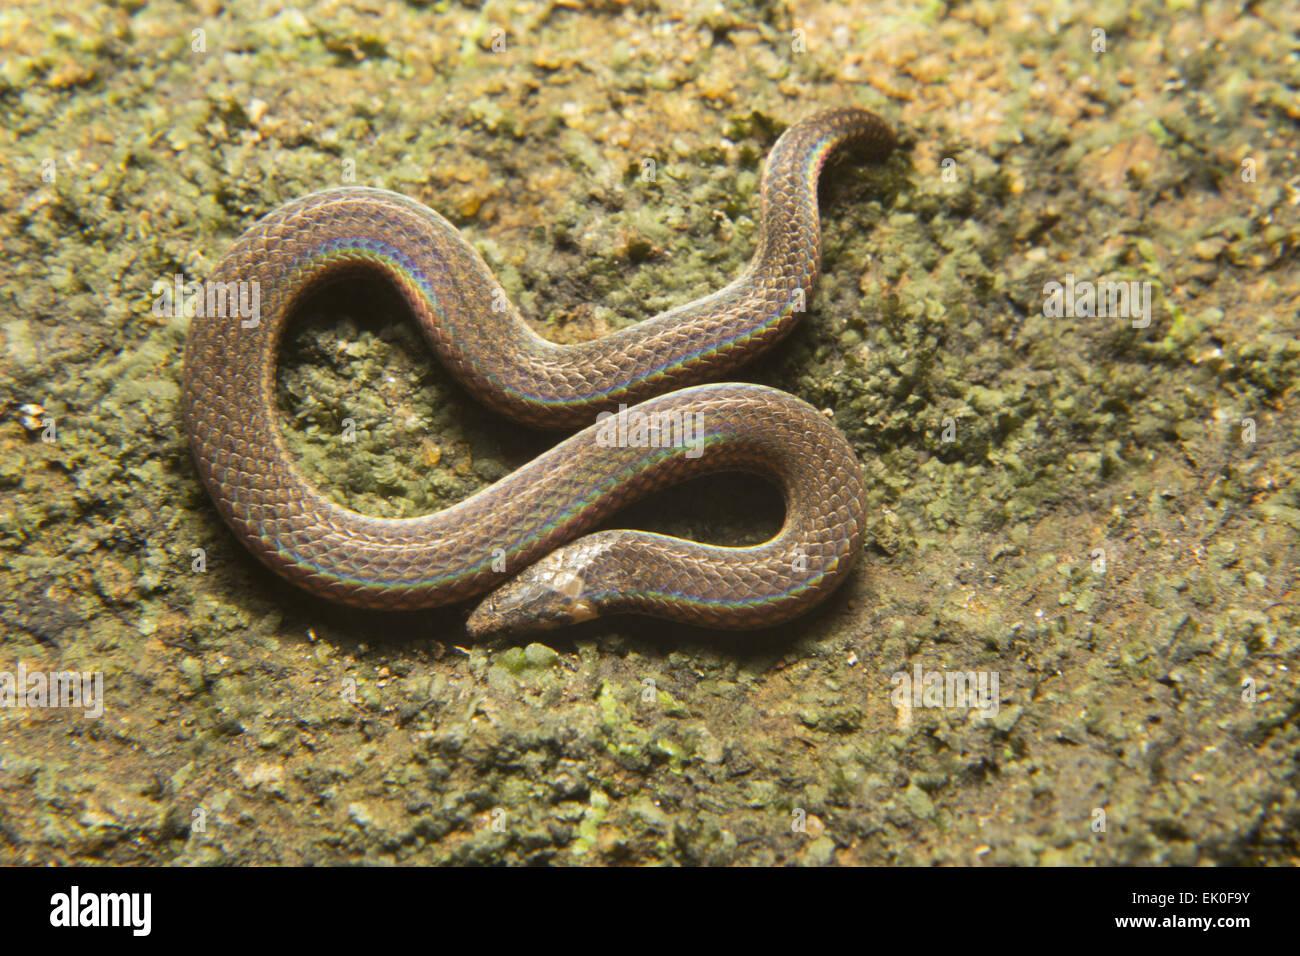 Captains wood snake, Xylophis captaini, Colubridae, Neyyar wildlife sanctuary, Kerala. India - Stock Image